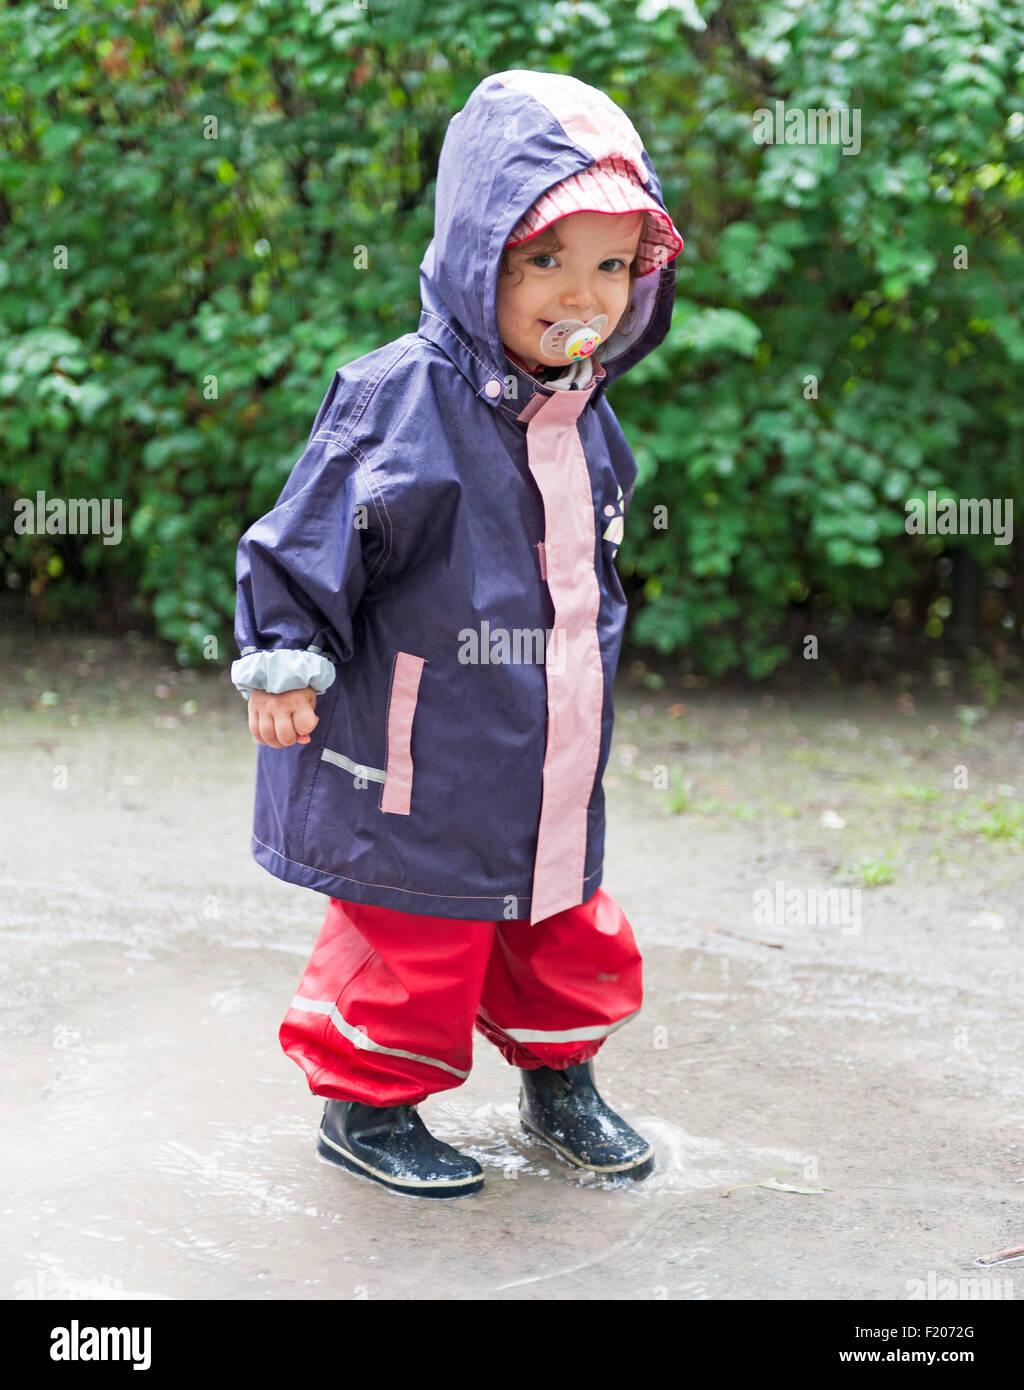 Kind mit Regenkleidung in einer Pfütze - Stock Image